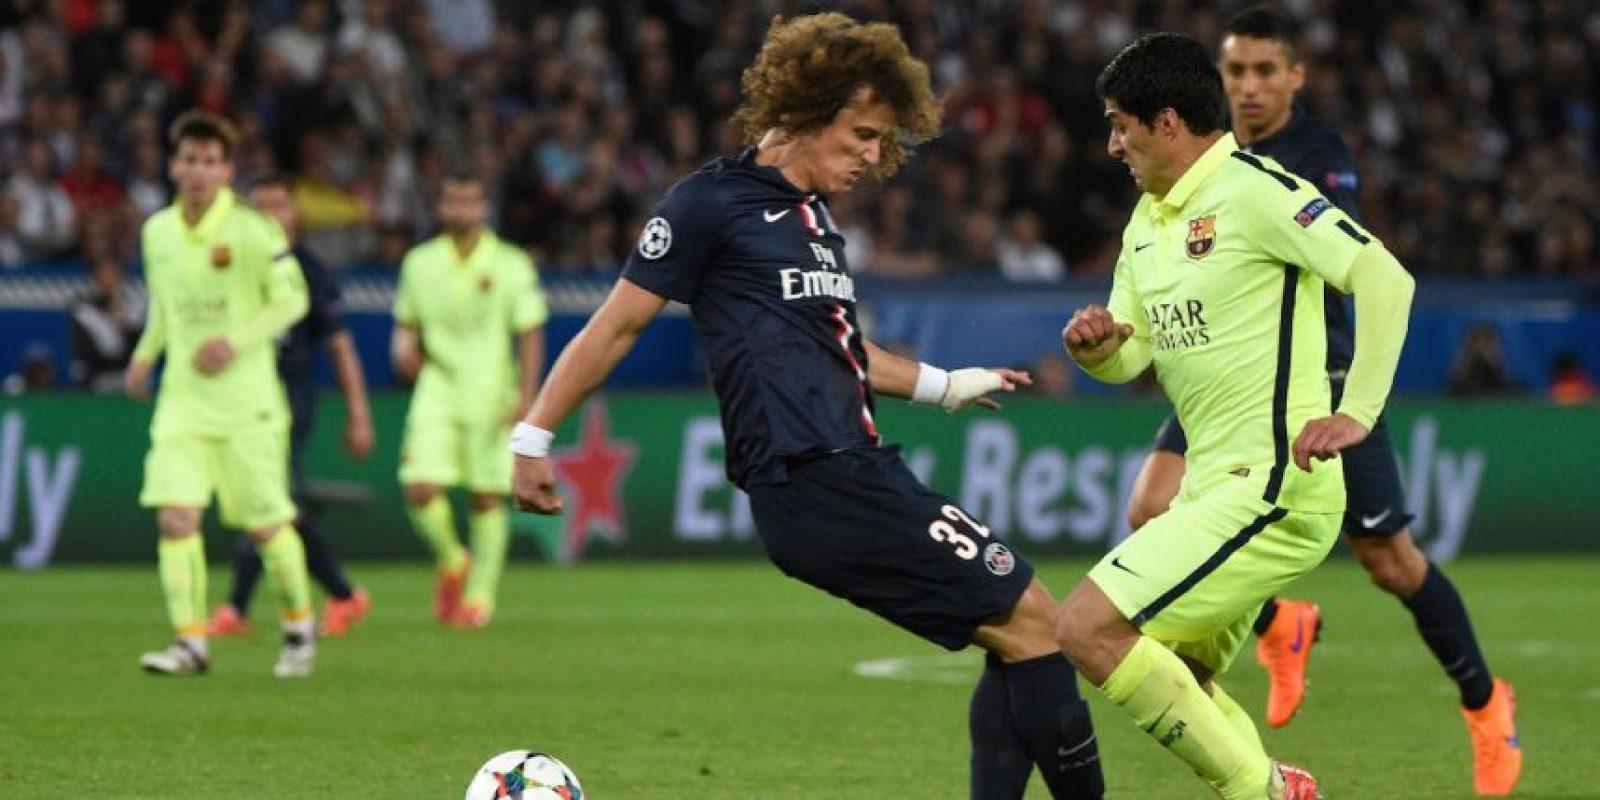 Para empezar, él ni siquiera iba a jugar la ida de los cuartos de final de la Champions League, pero tuvo que entrar de emergencia cuando Thiago Silva, el capitán de los parisinos, salió por lesión. Foto:AFP